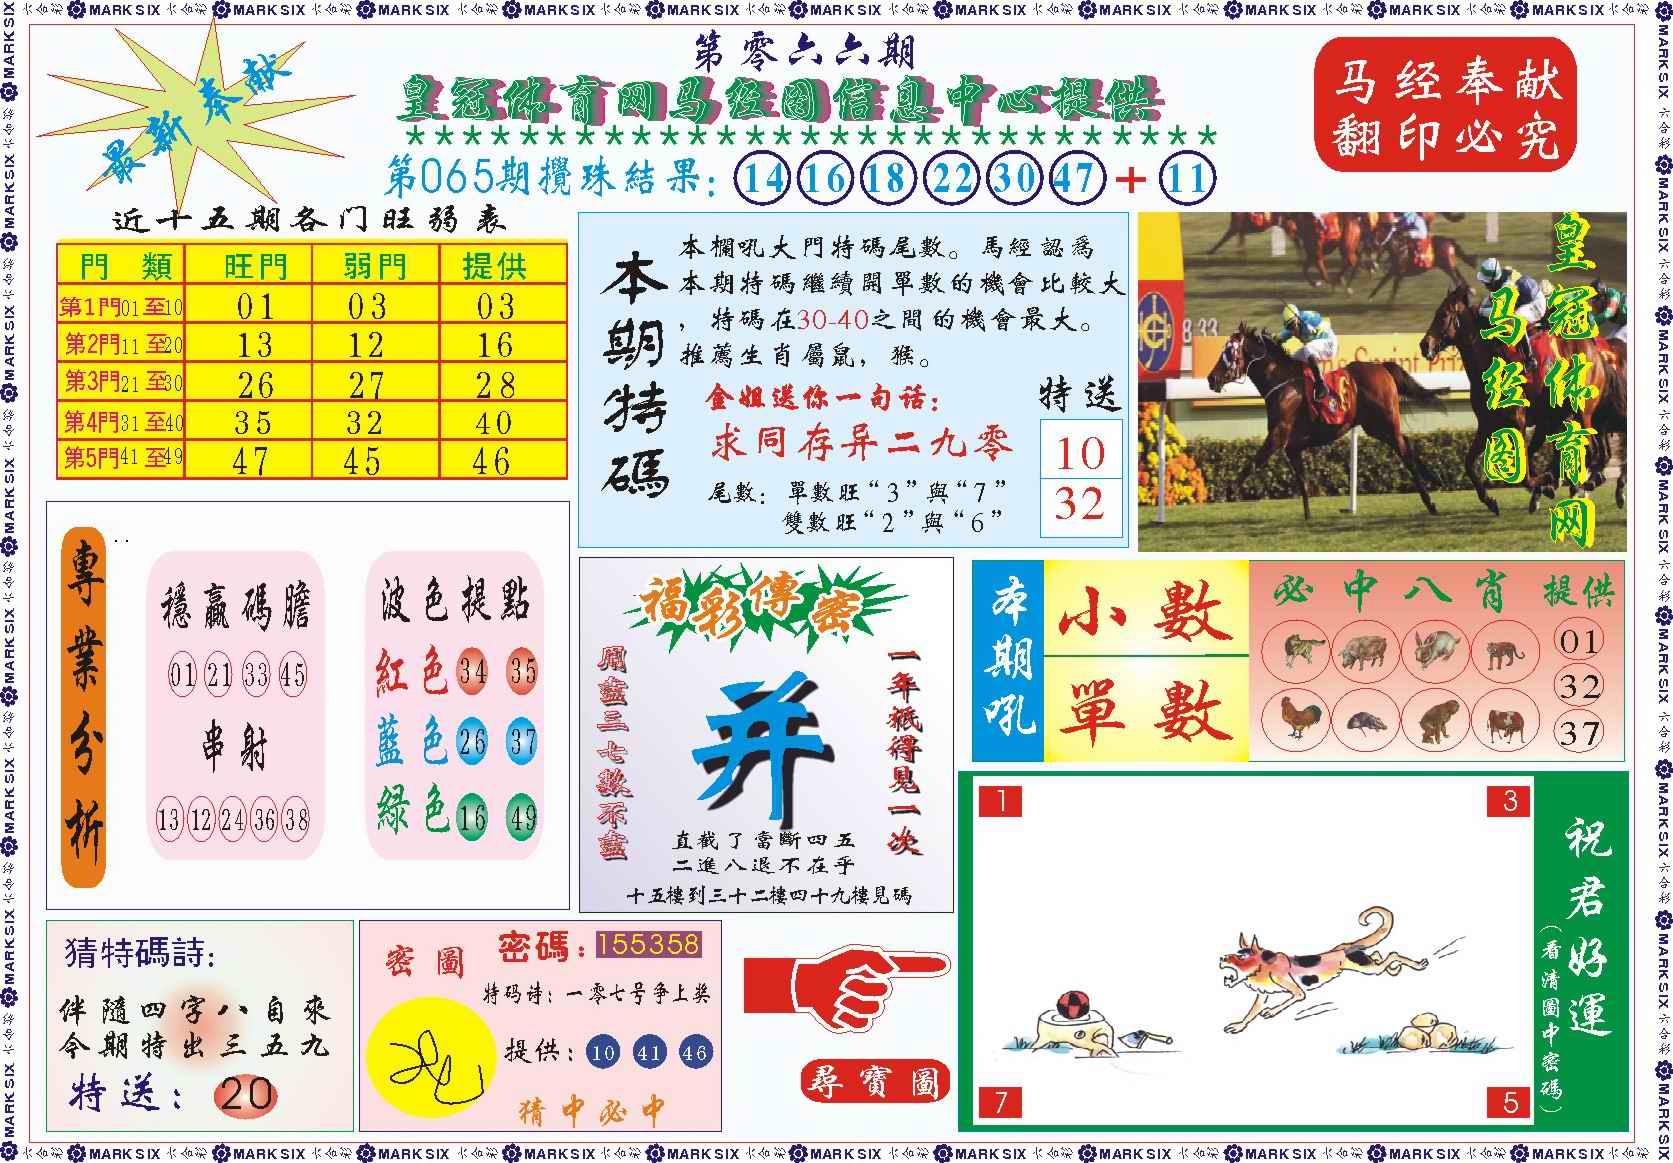 066期皇冠体育网马经图记录